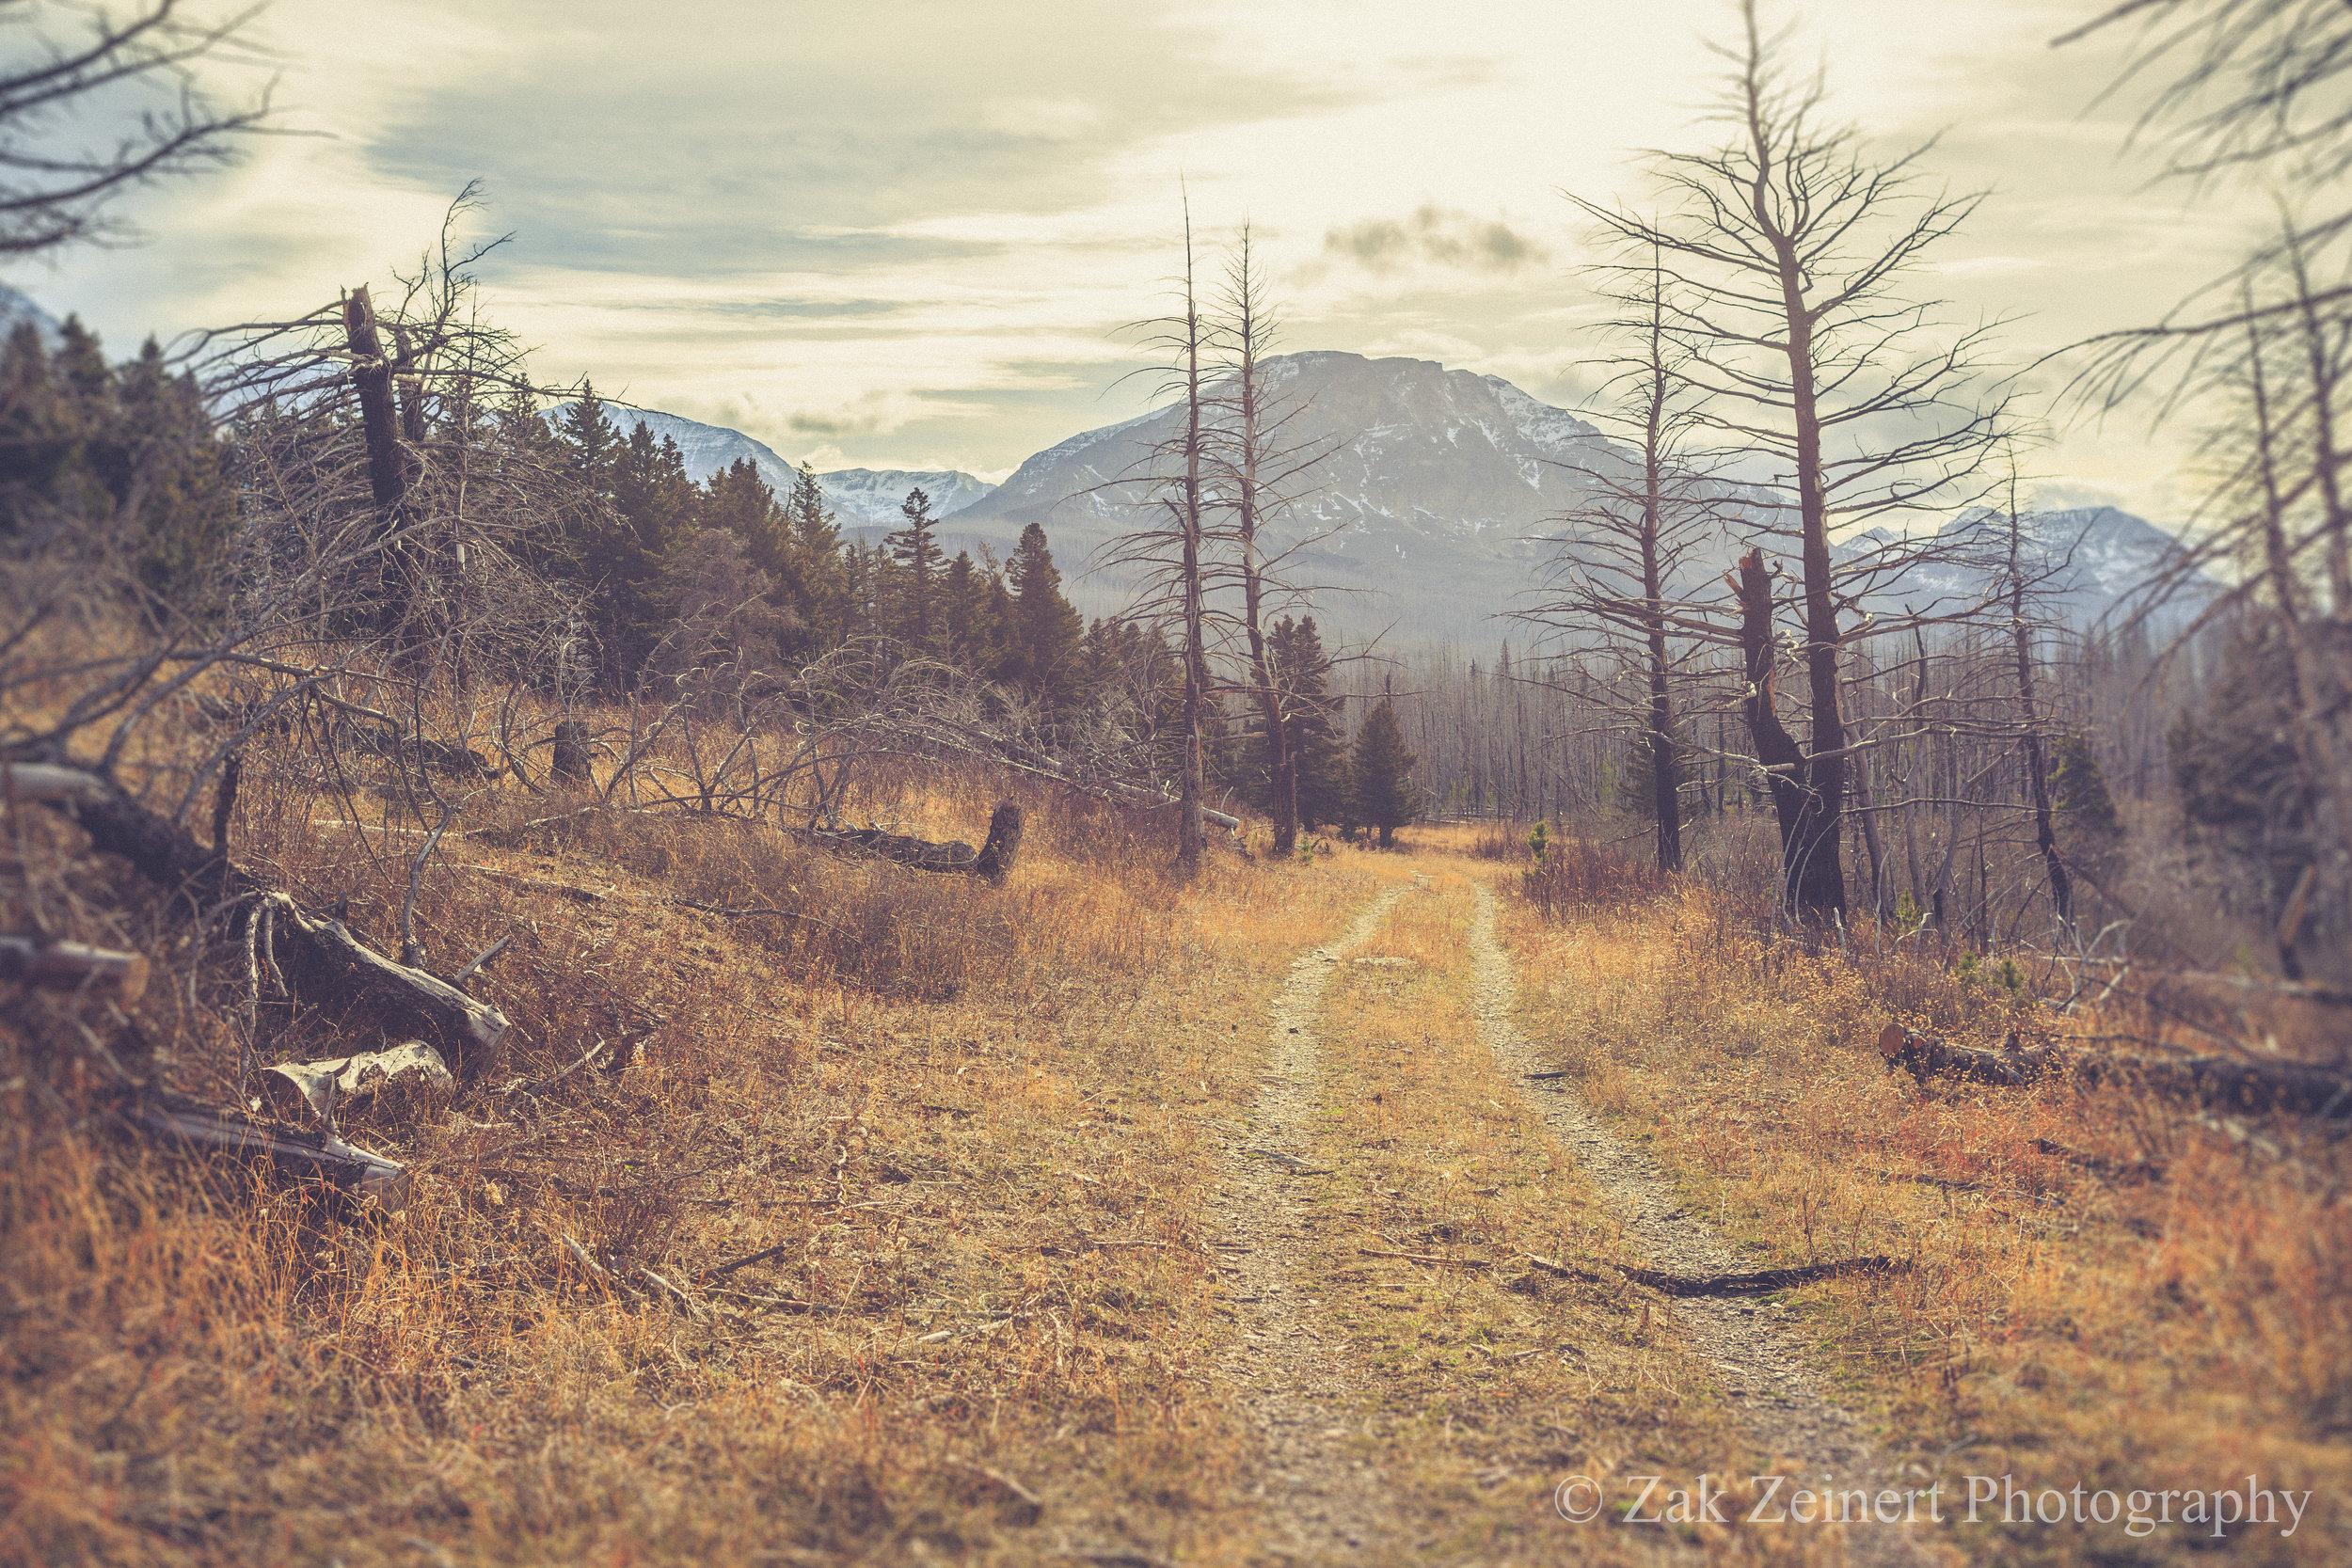 Hiking around St. Mary Lake